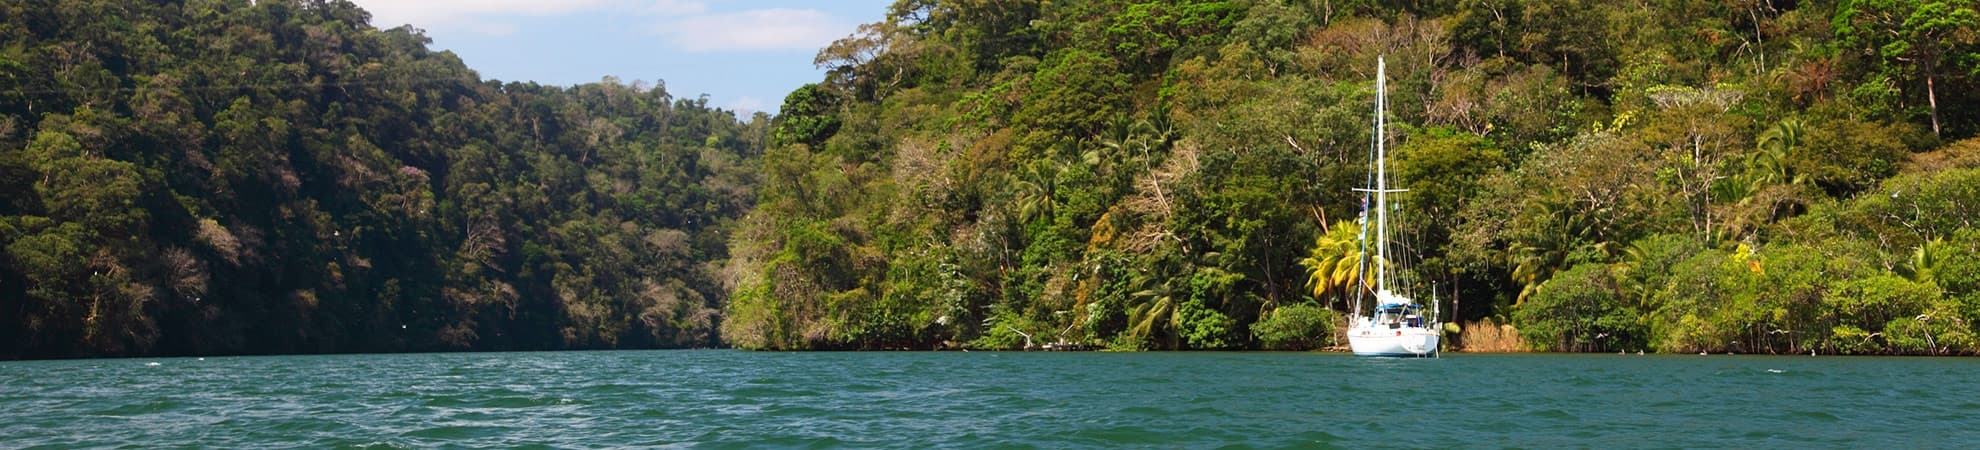 Voyage L'est du Guatemala